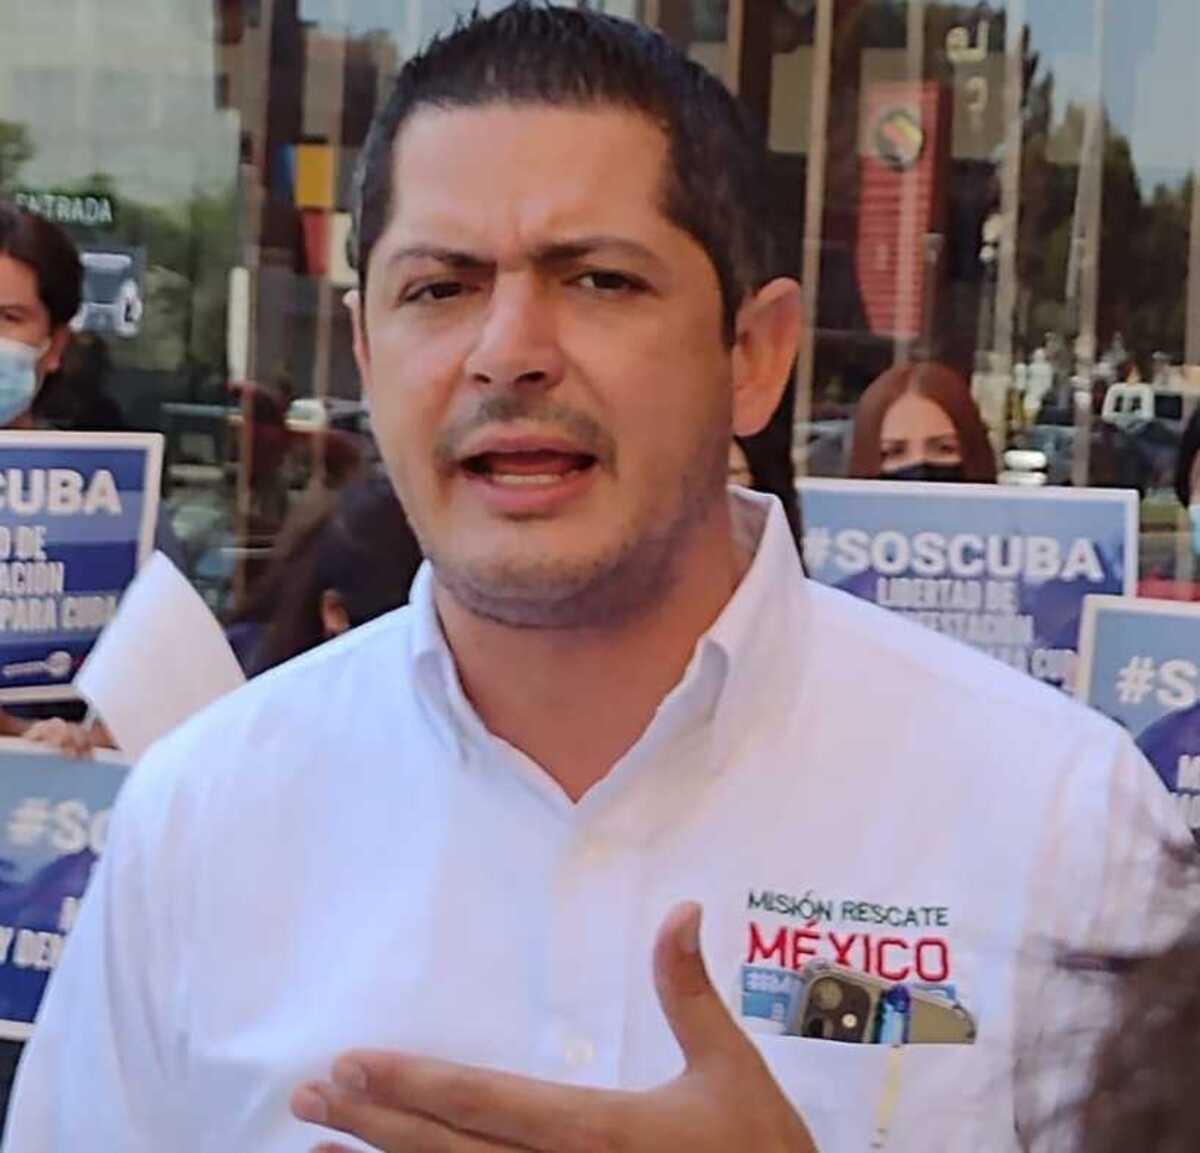 """Fracaso de """"Farsa Electorera"""", prueba de que se tiraron a la basura 528MDP, dice Coordinador De Misión Rescate México BC"""